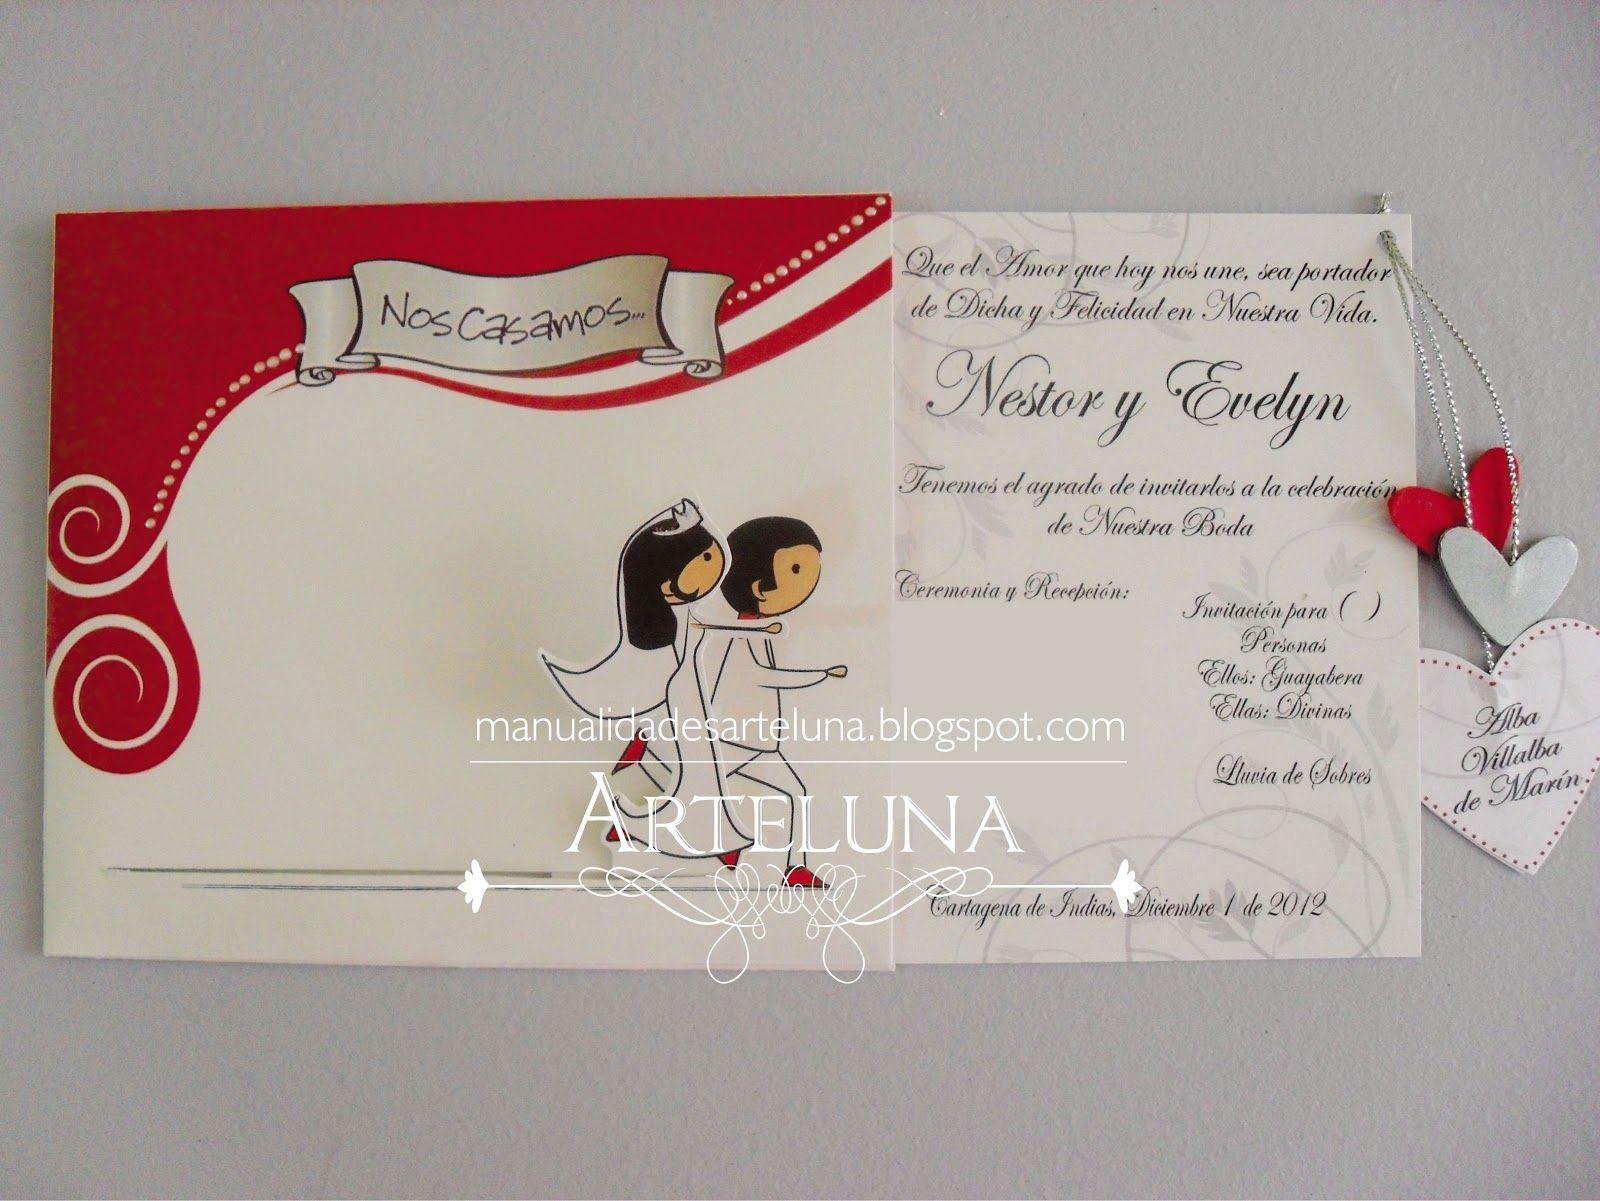 Tarjetas De Invitacion A Casamiento Virtuales Para Ver Desde